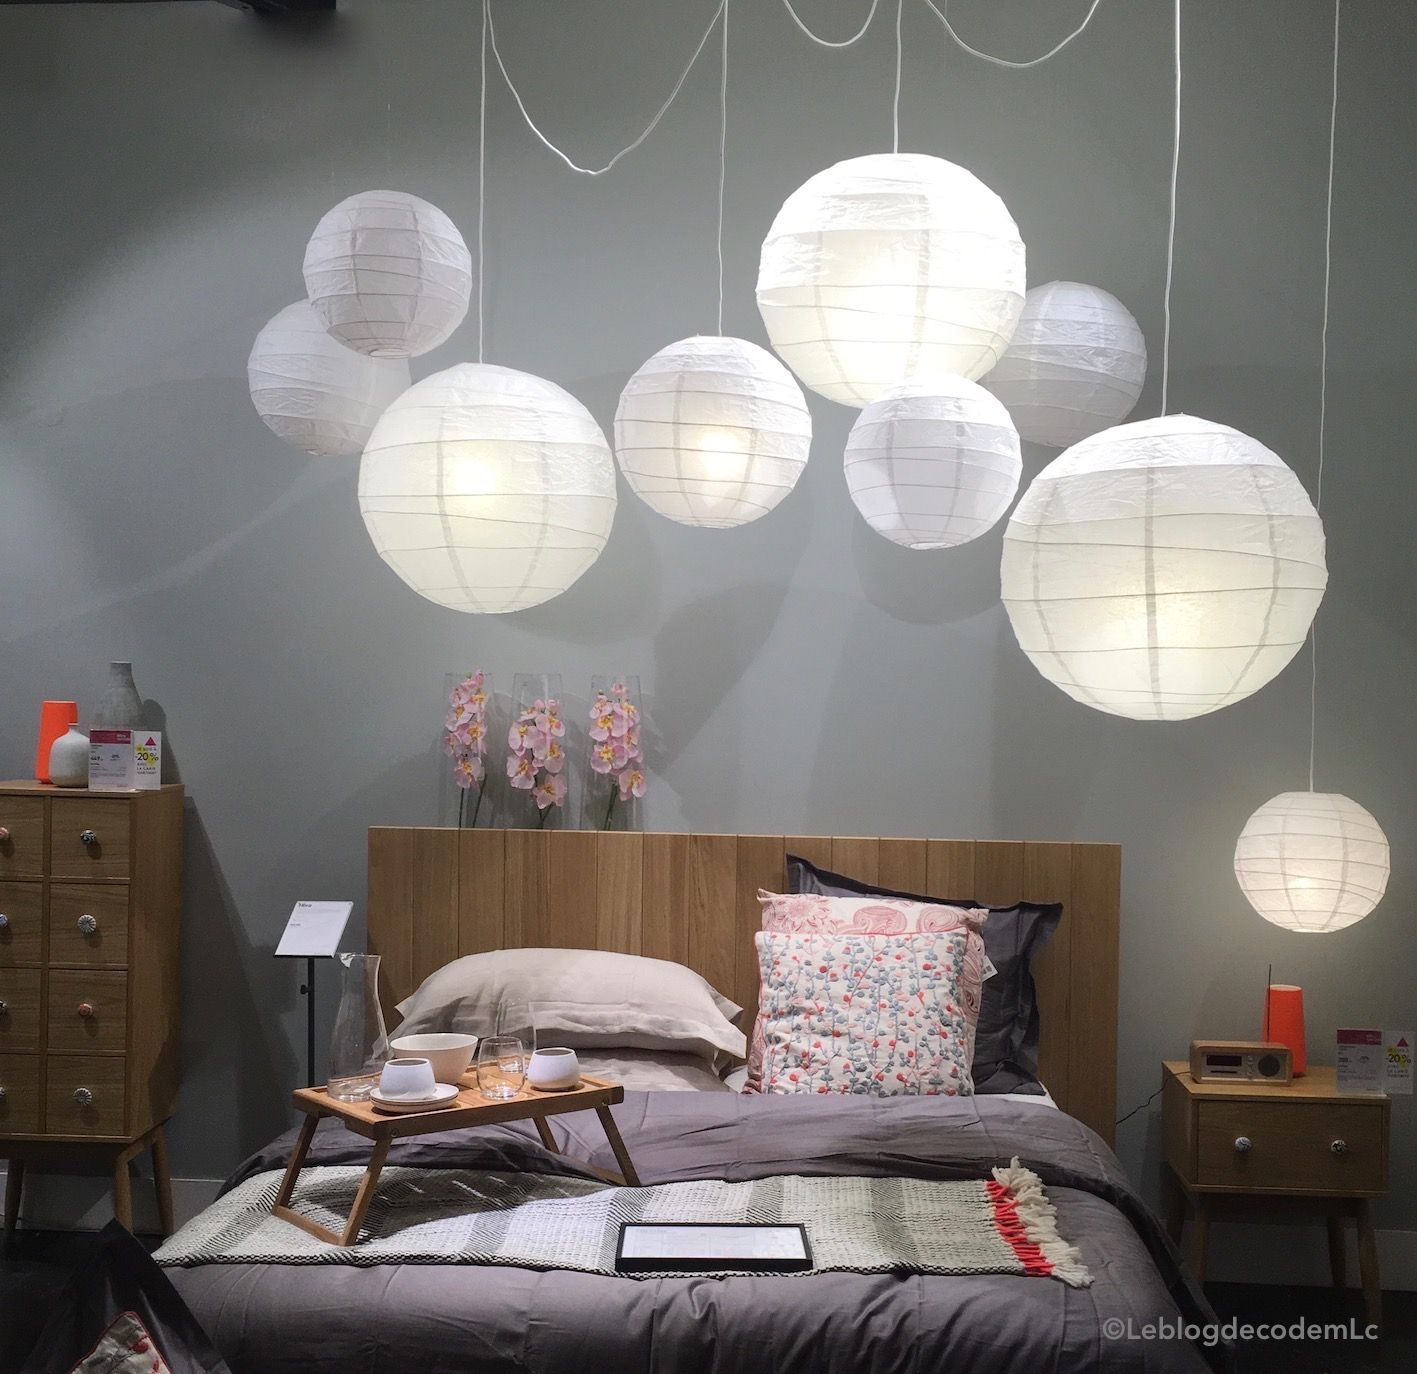 La lampe de chevet se place en suspension dans la chambre